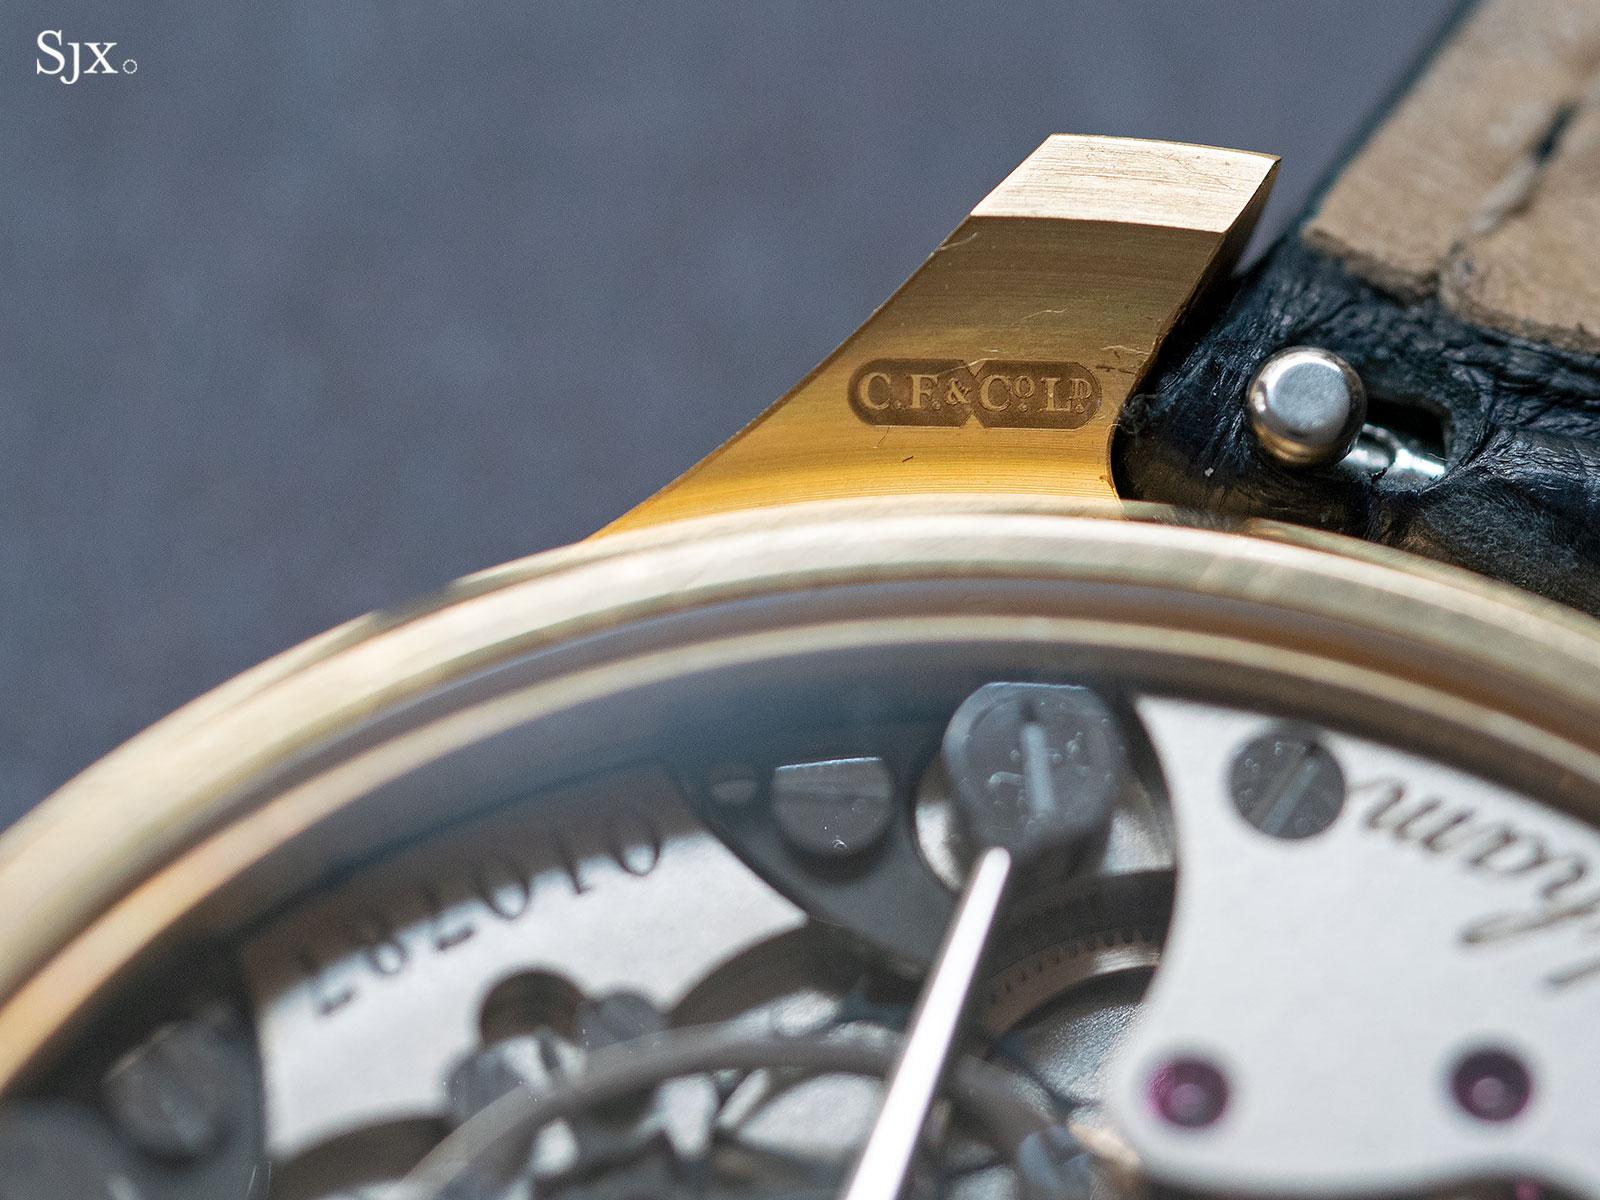 Frodsham Double Impulse Chronometer 22k gold 9